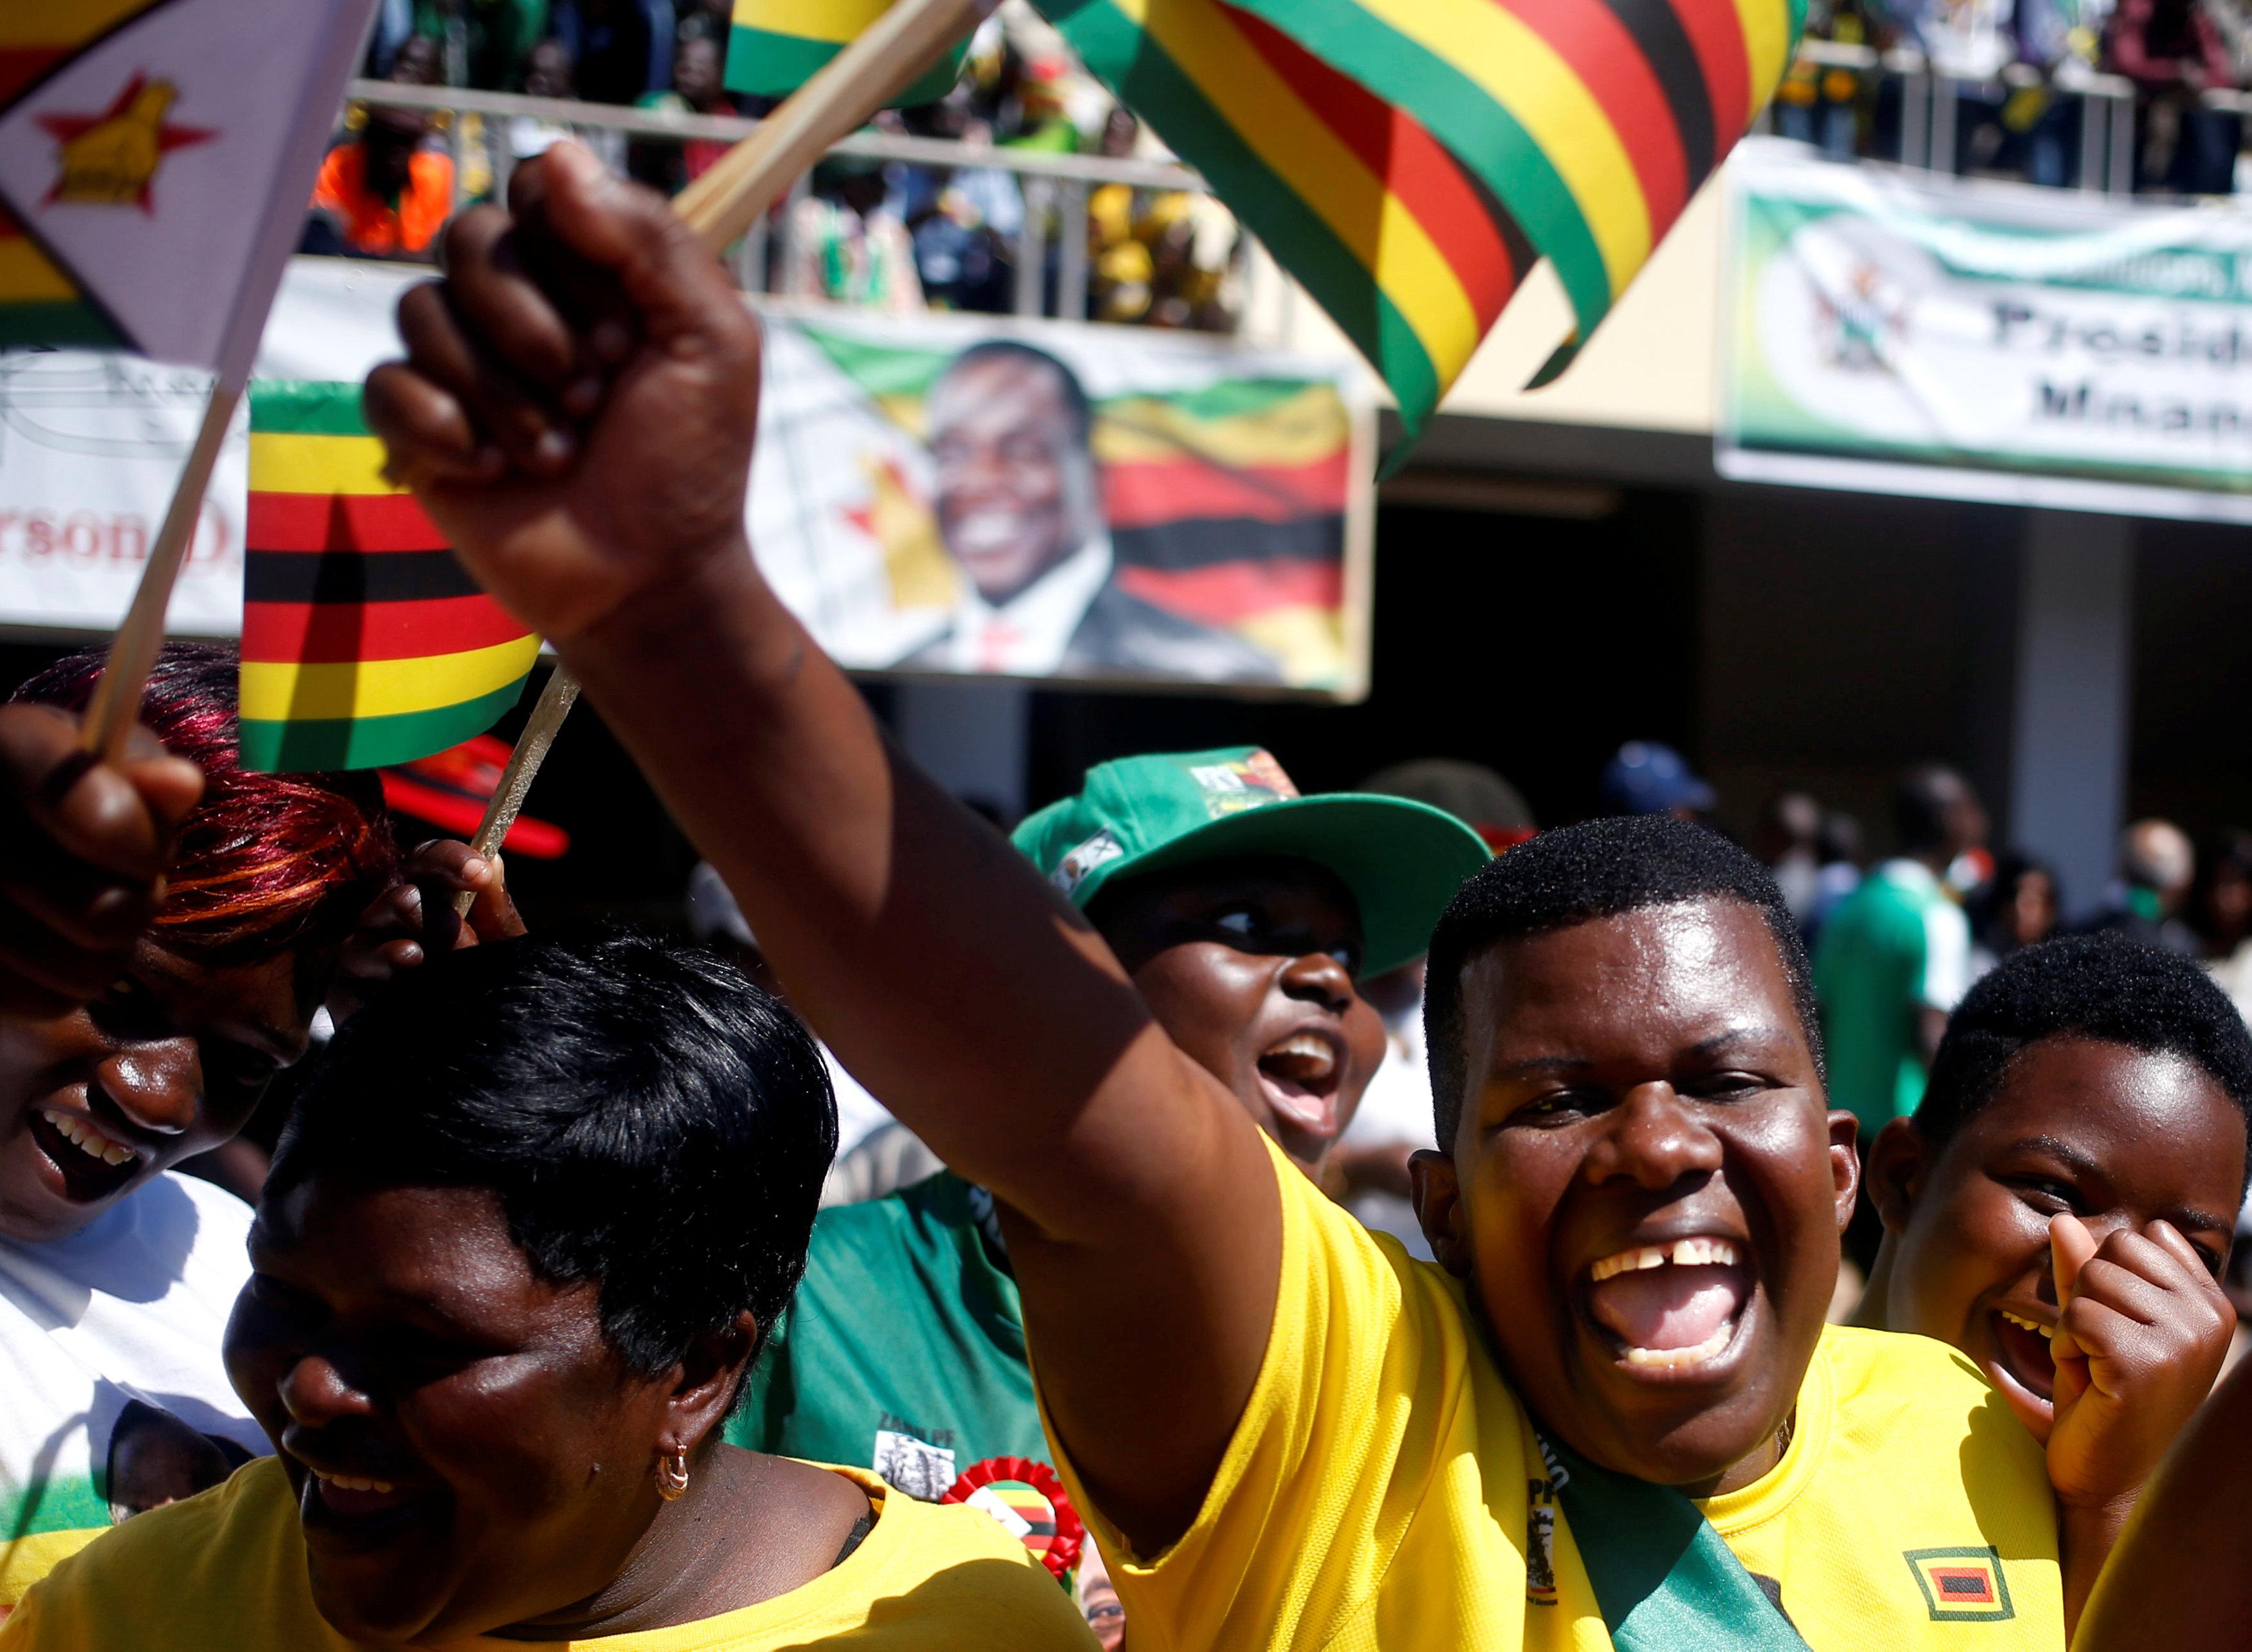 الجماهير يحيون رئيس زيمبابوى